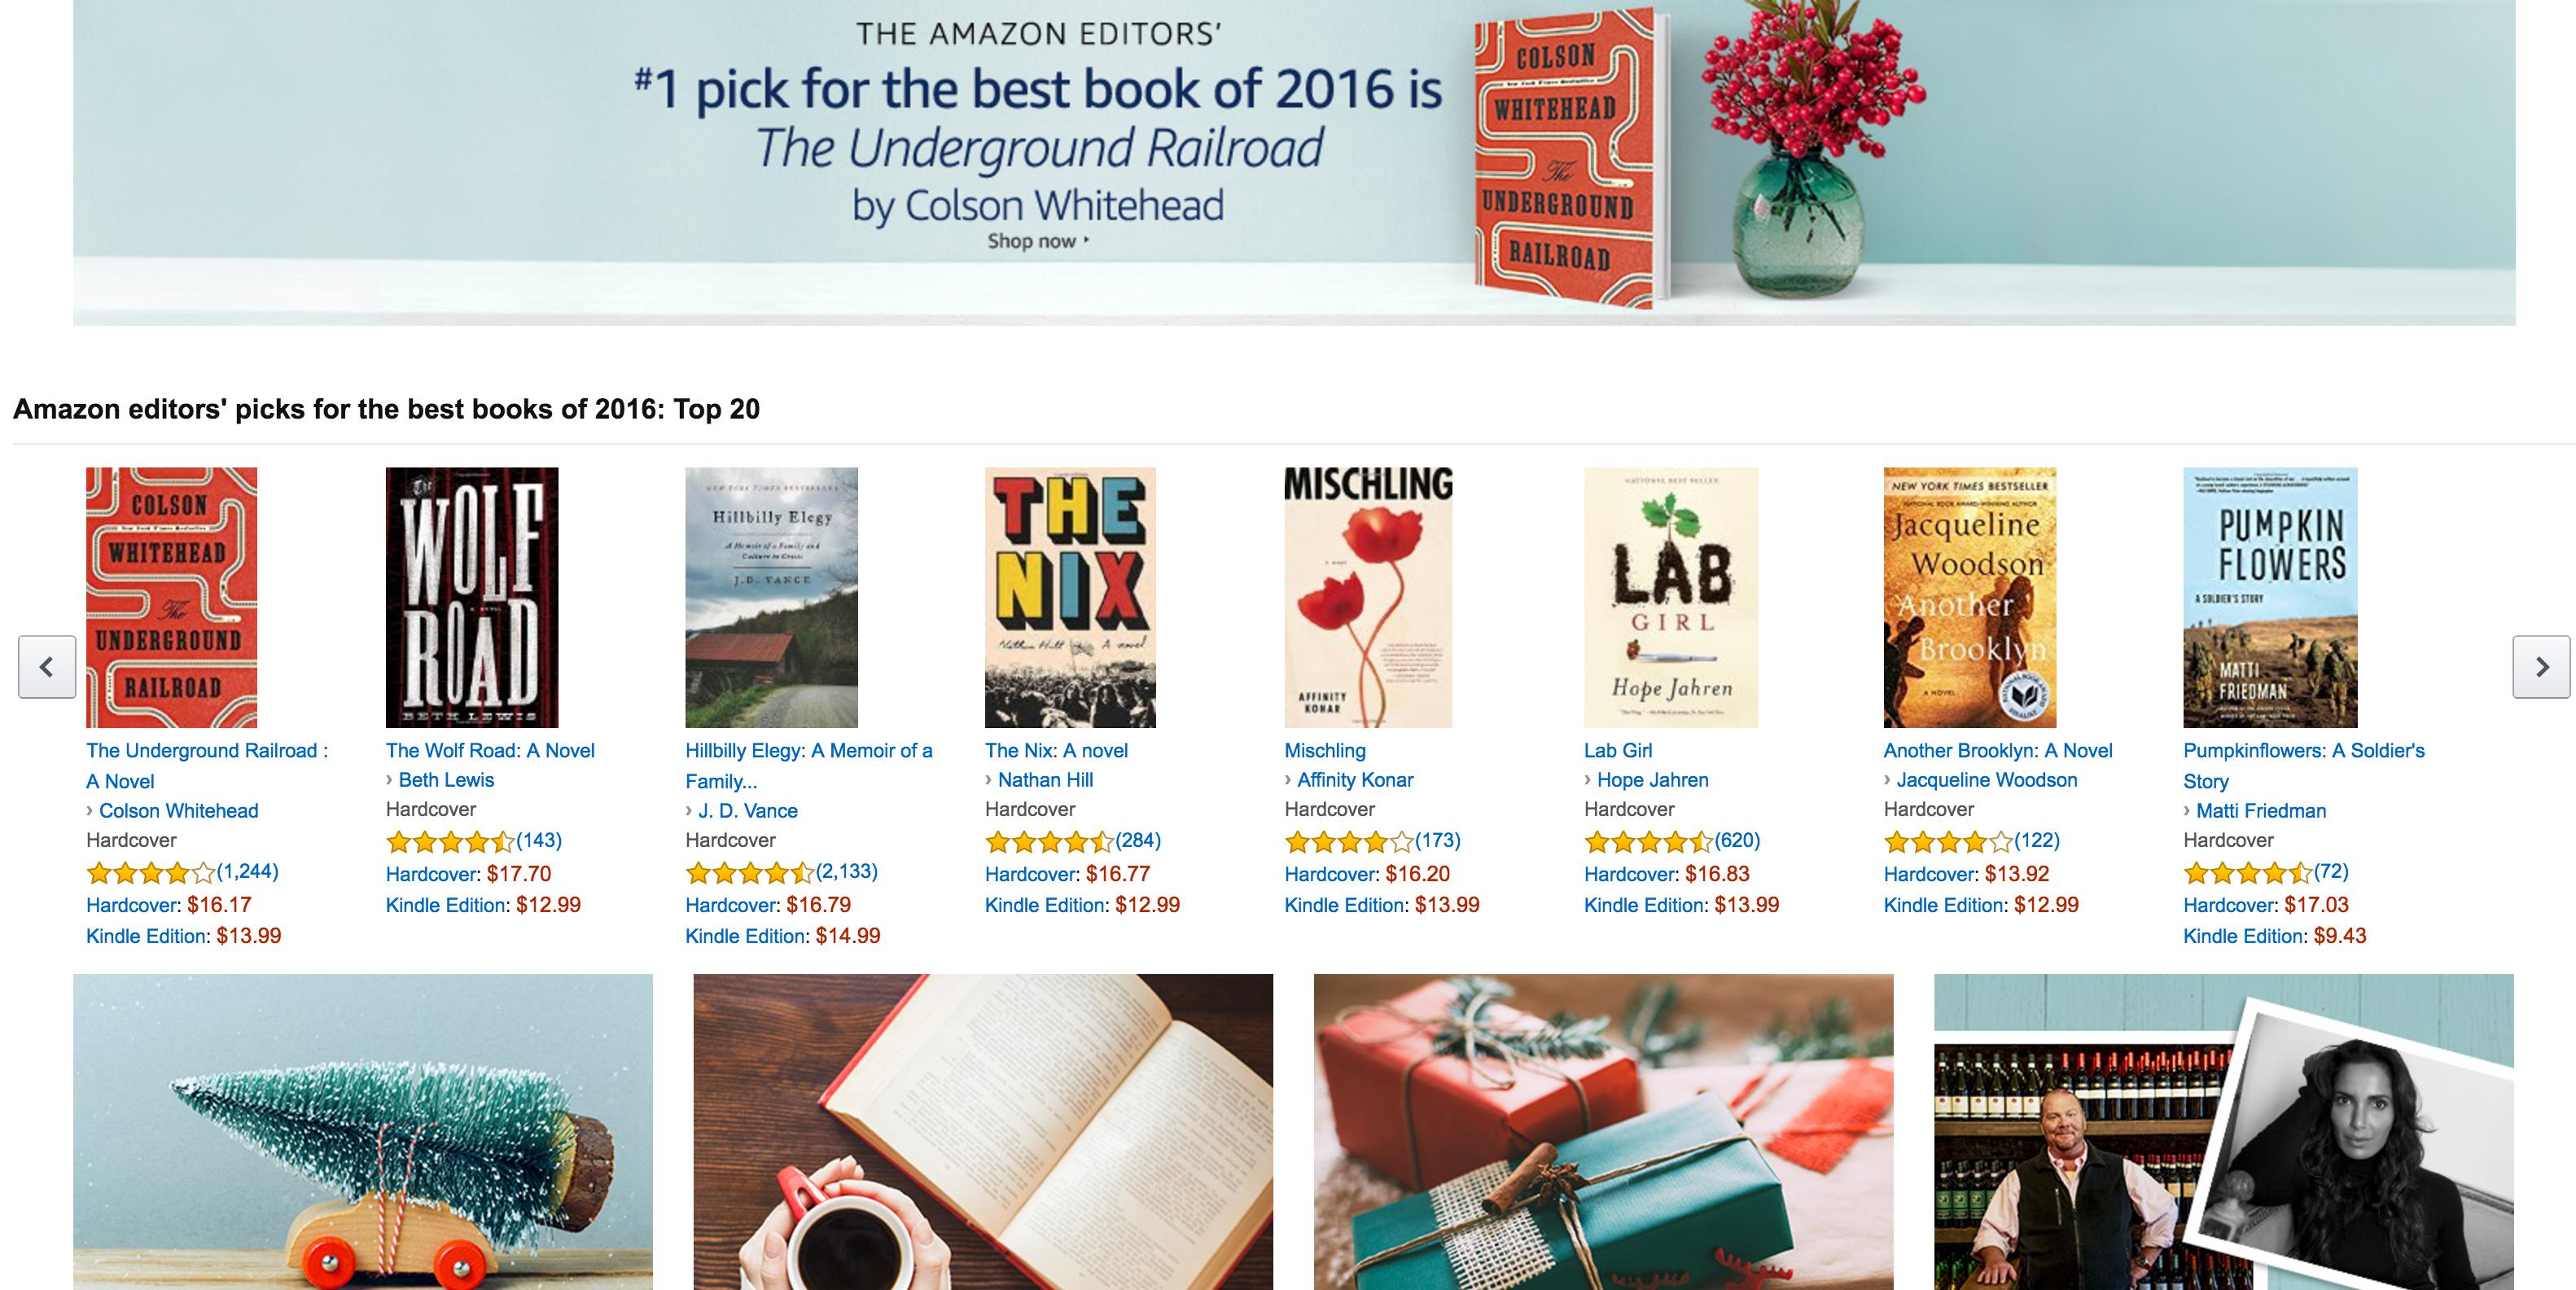 amazon-best-books-2016-01